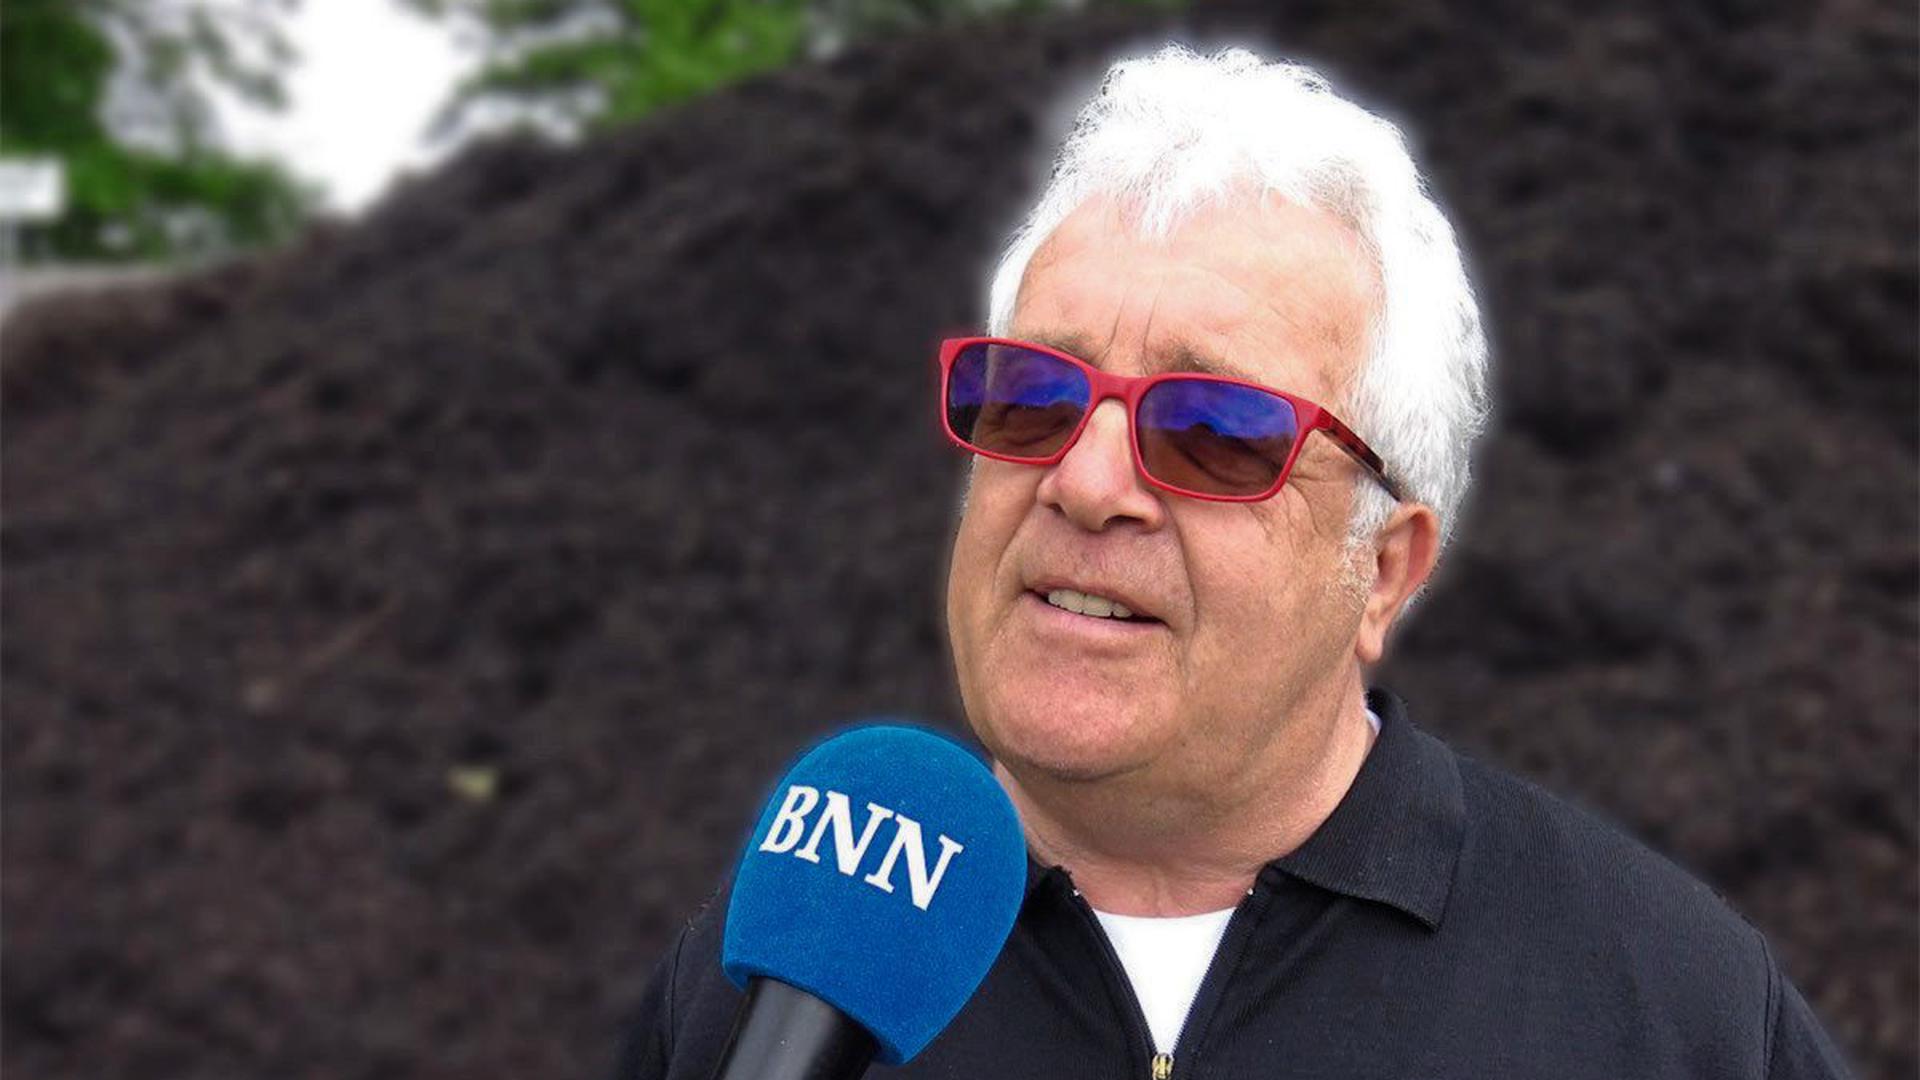 Franz Vogel ist stolz auf sein Unternehmen und seinen Kompost.